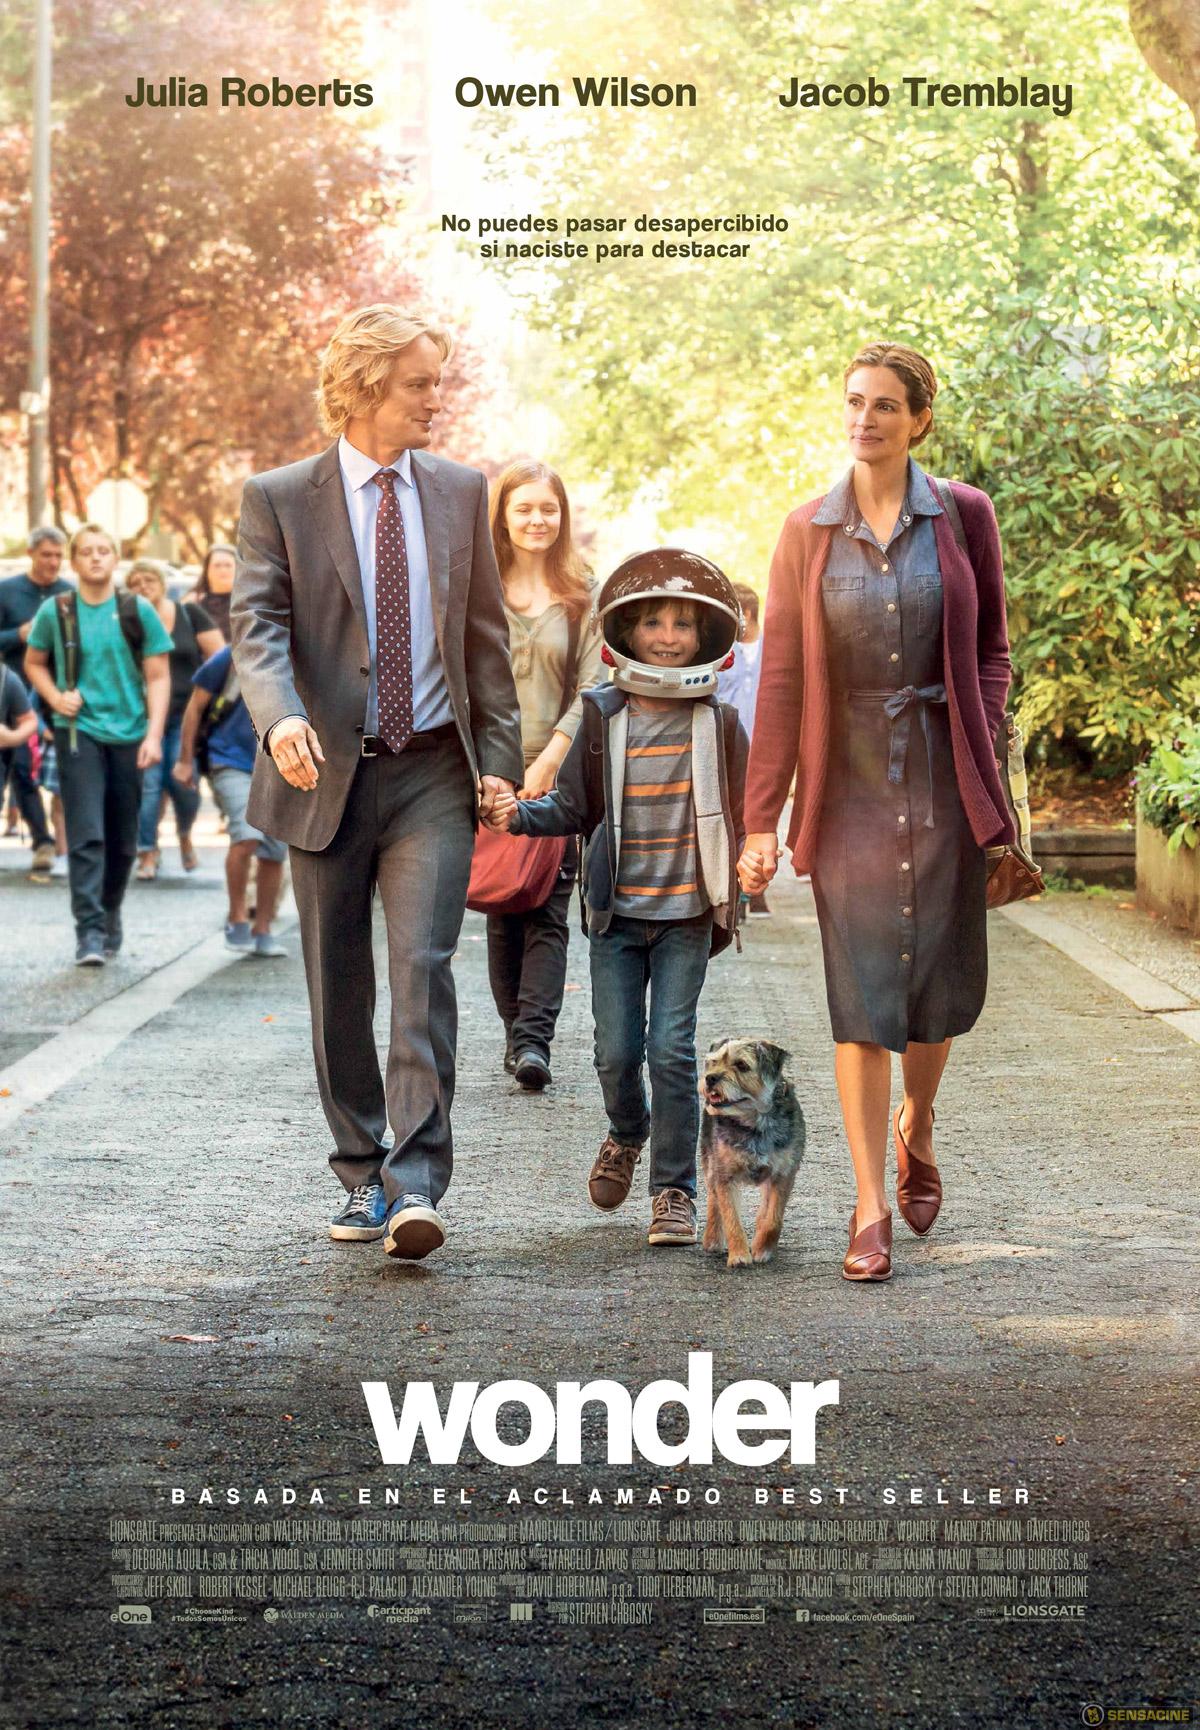 Wonder - Película 2017 - SensaCine.com